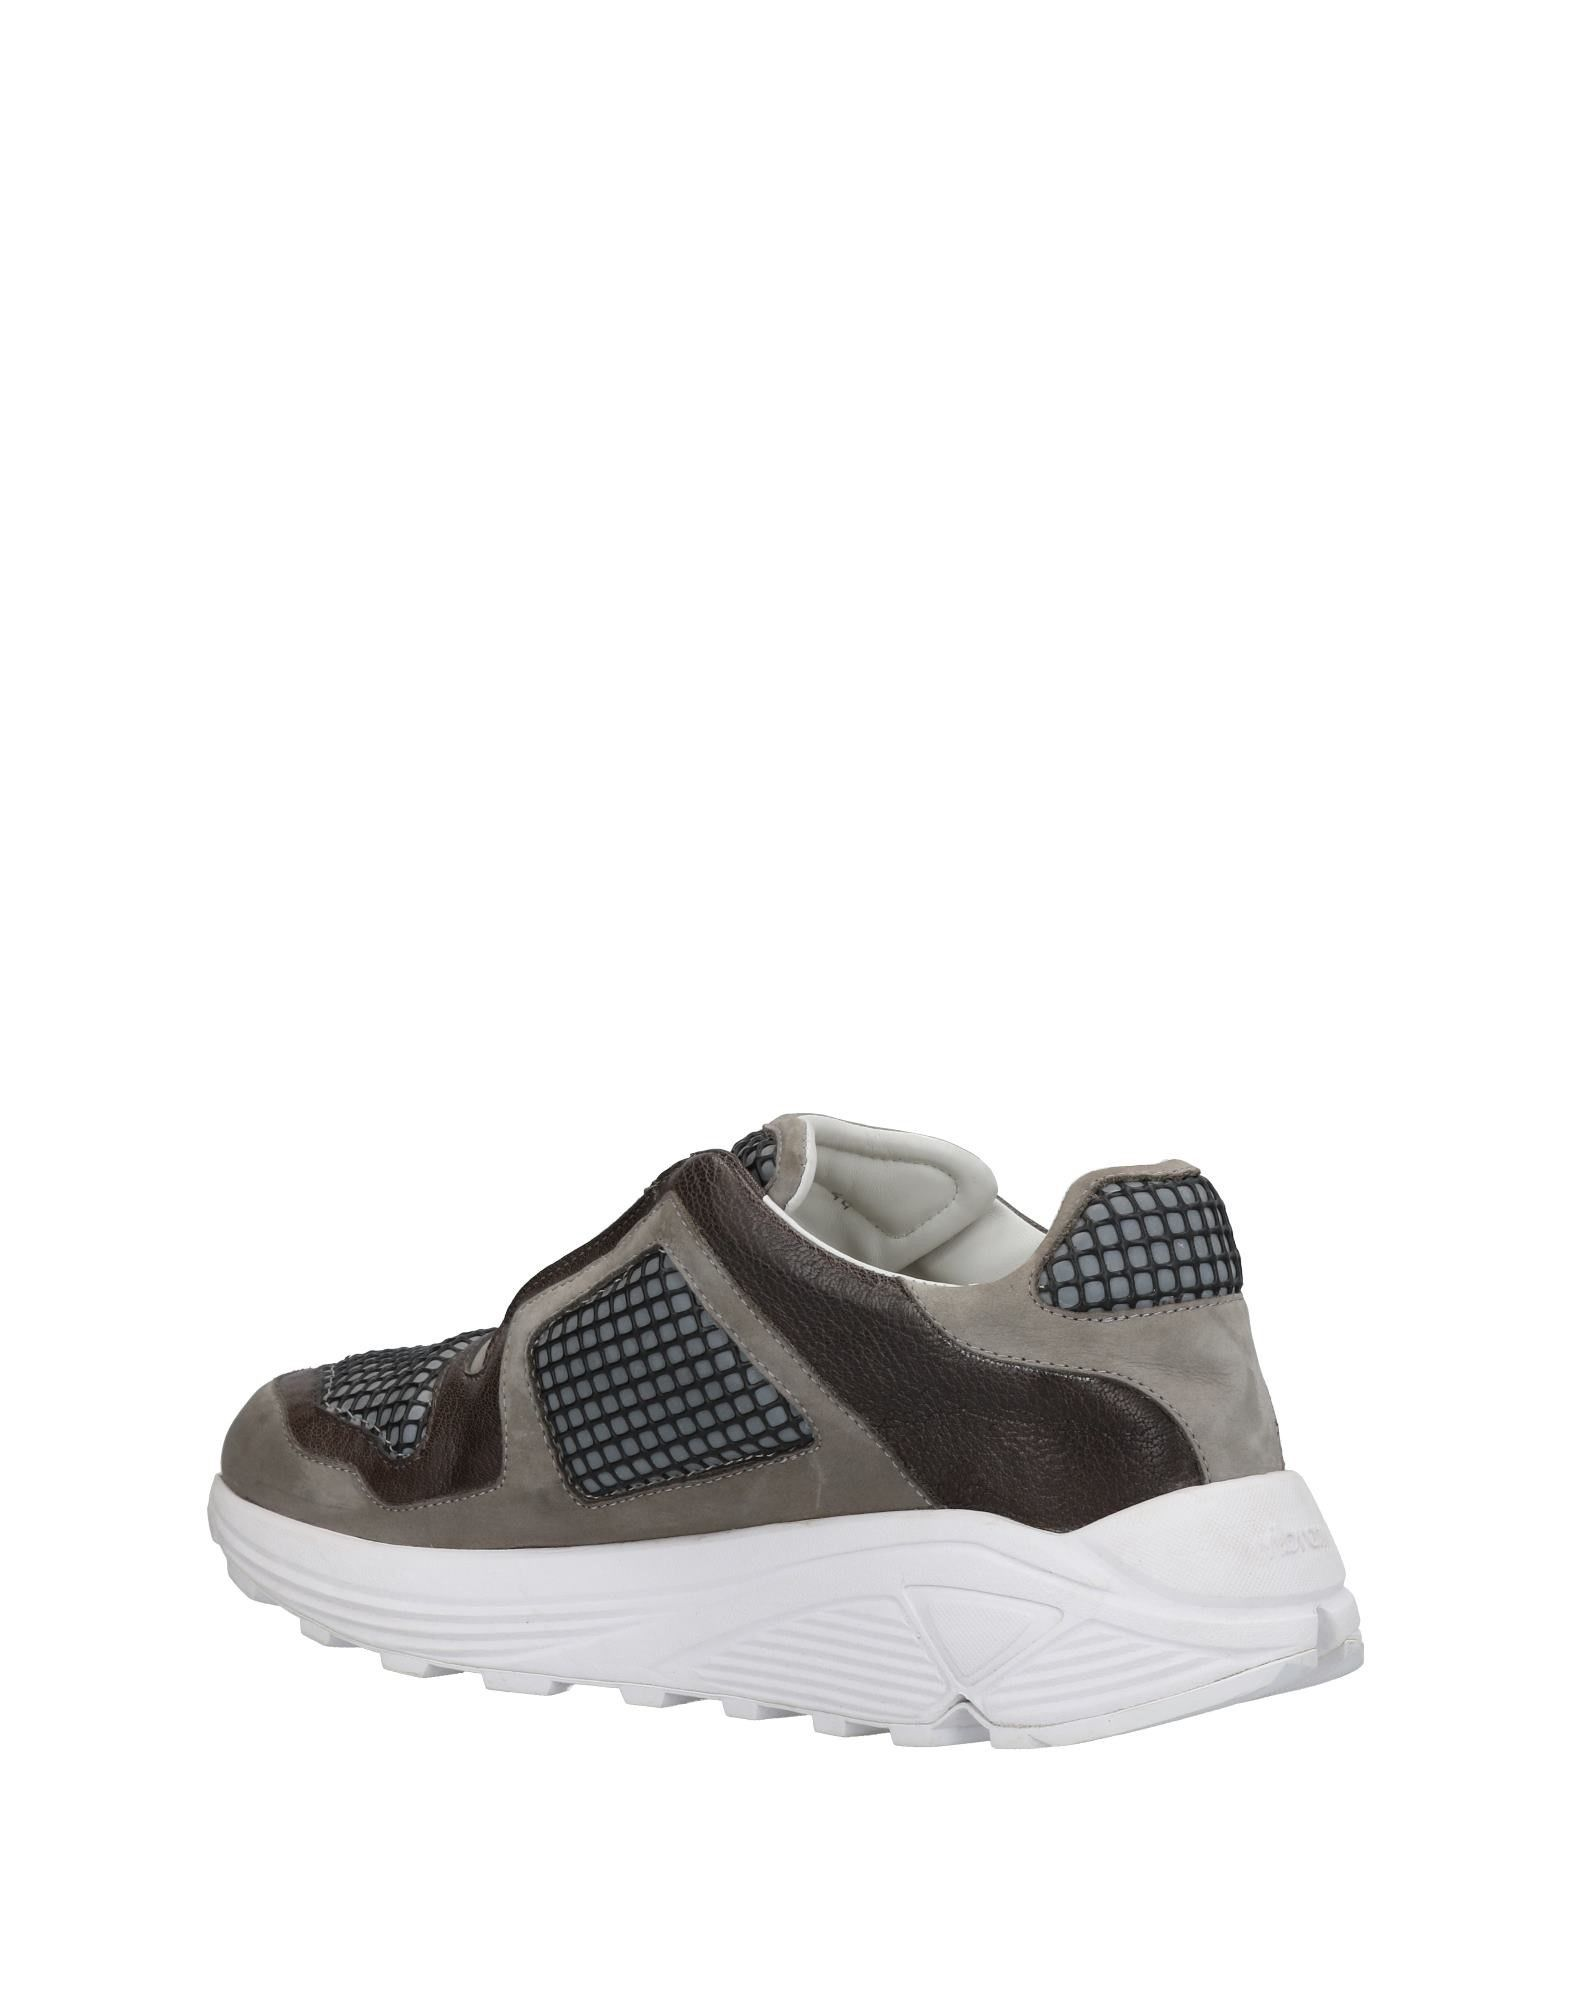 Dirk Bikkembergs Sneakers Herren beliebte  11461438BE Gute Qualität beliebte Herren Schuhe 15dac6